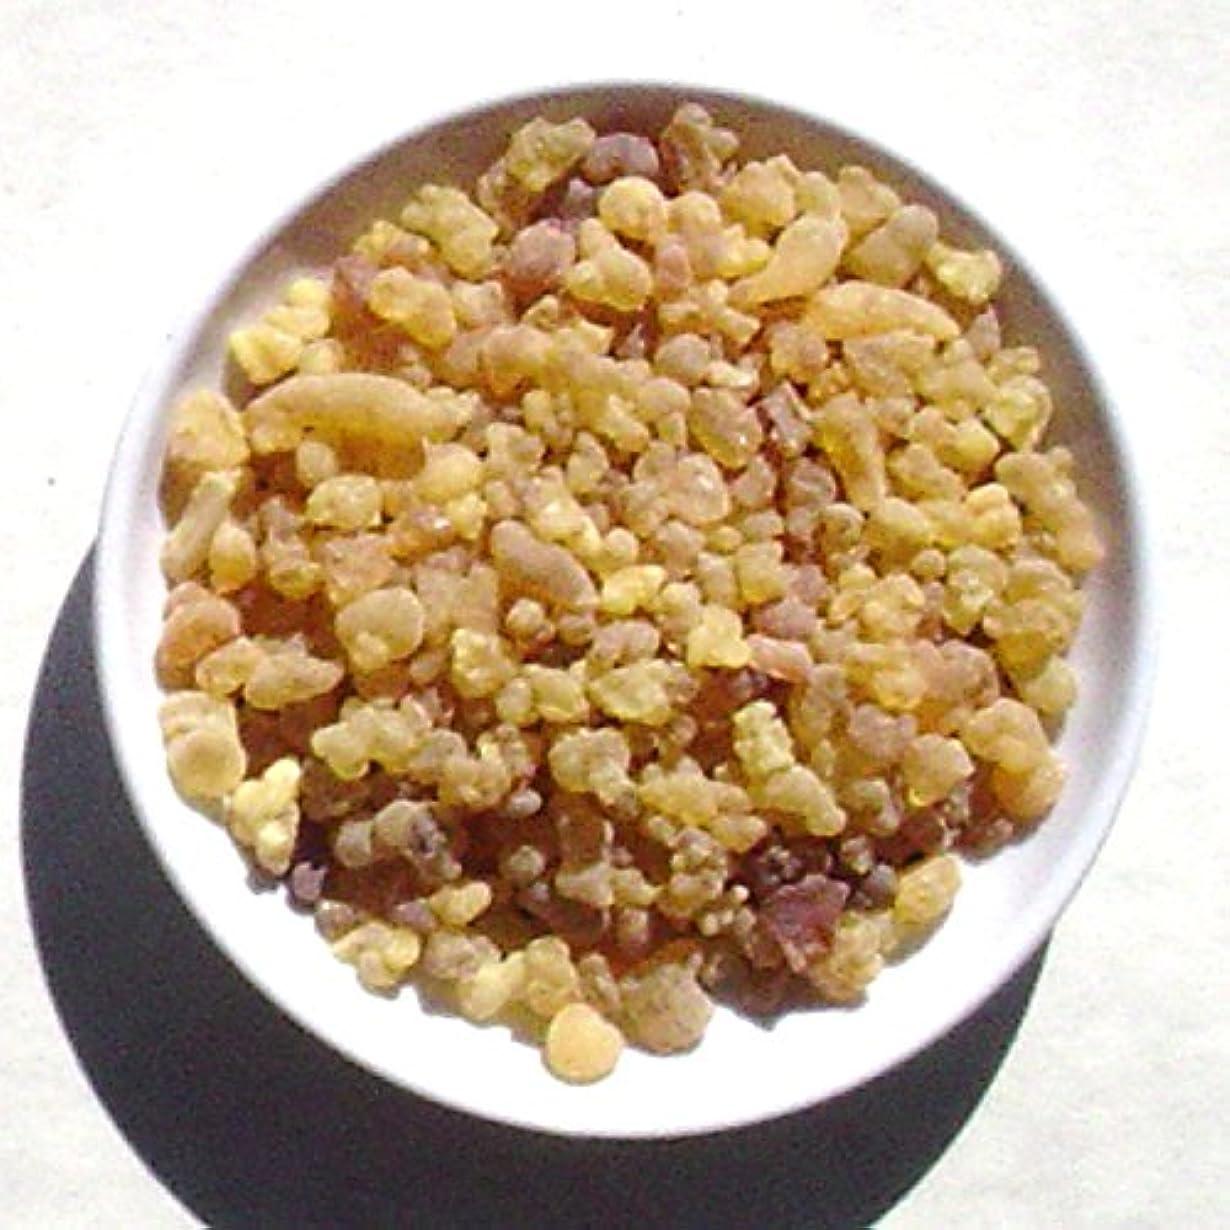 コンテンツ近代化する弱点Arabian Frankincense – 1ポンド – Traditional Incense (樹脂)バルク